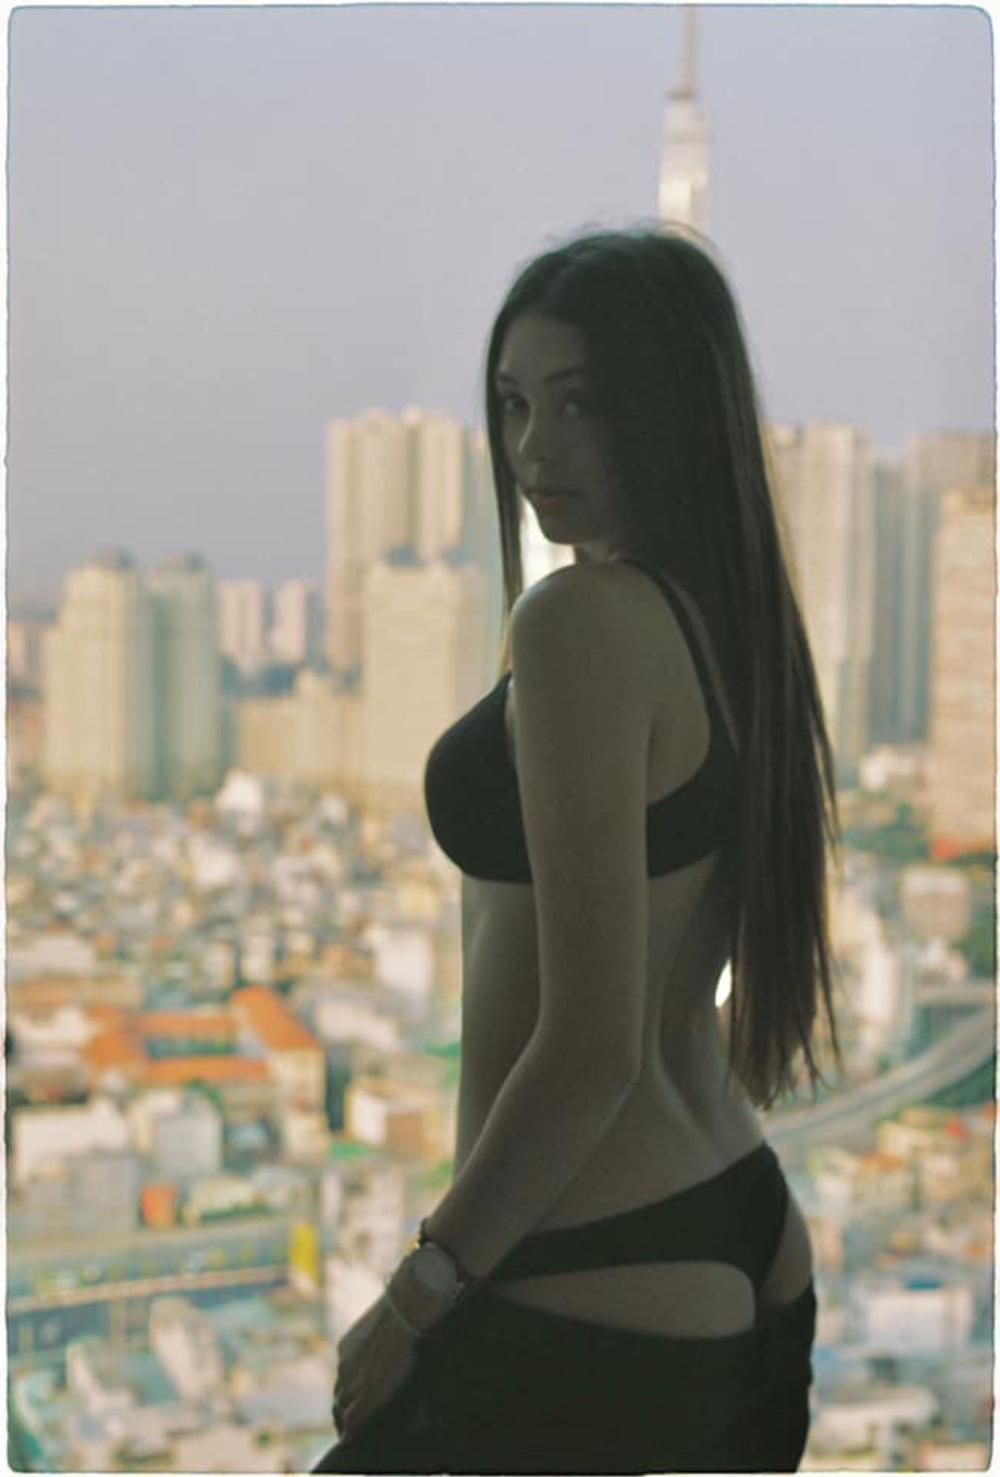 Bạn gái Bùi Tiến Dũng đăng loạt ảnh táo bạo với nội y, khoe khéo 'cặp tuyết lê' quyến rũ Ảnh 4